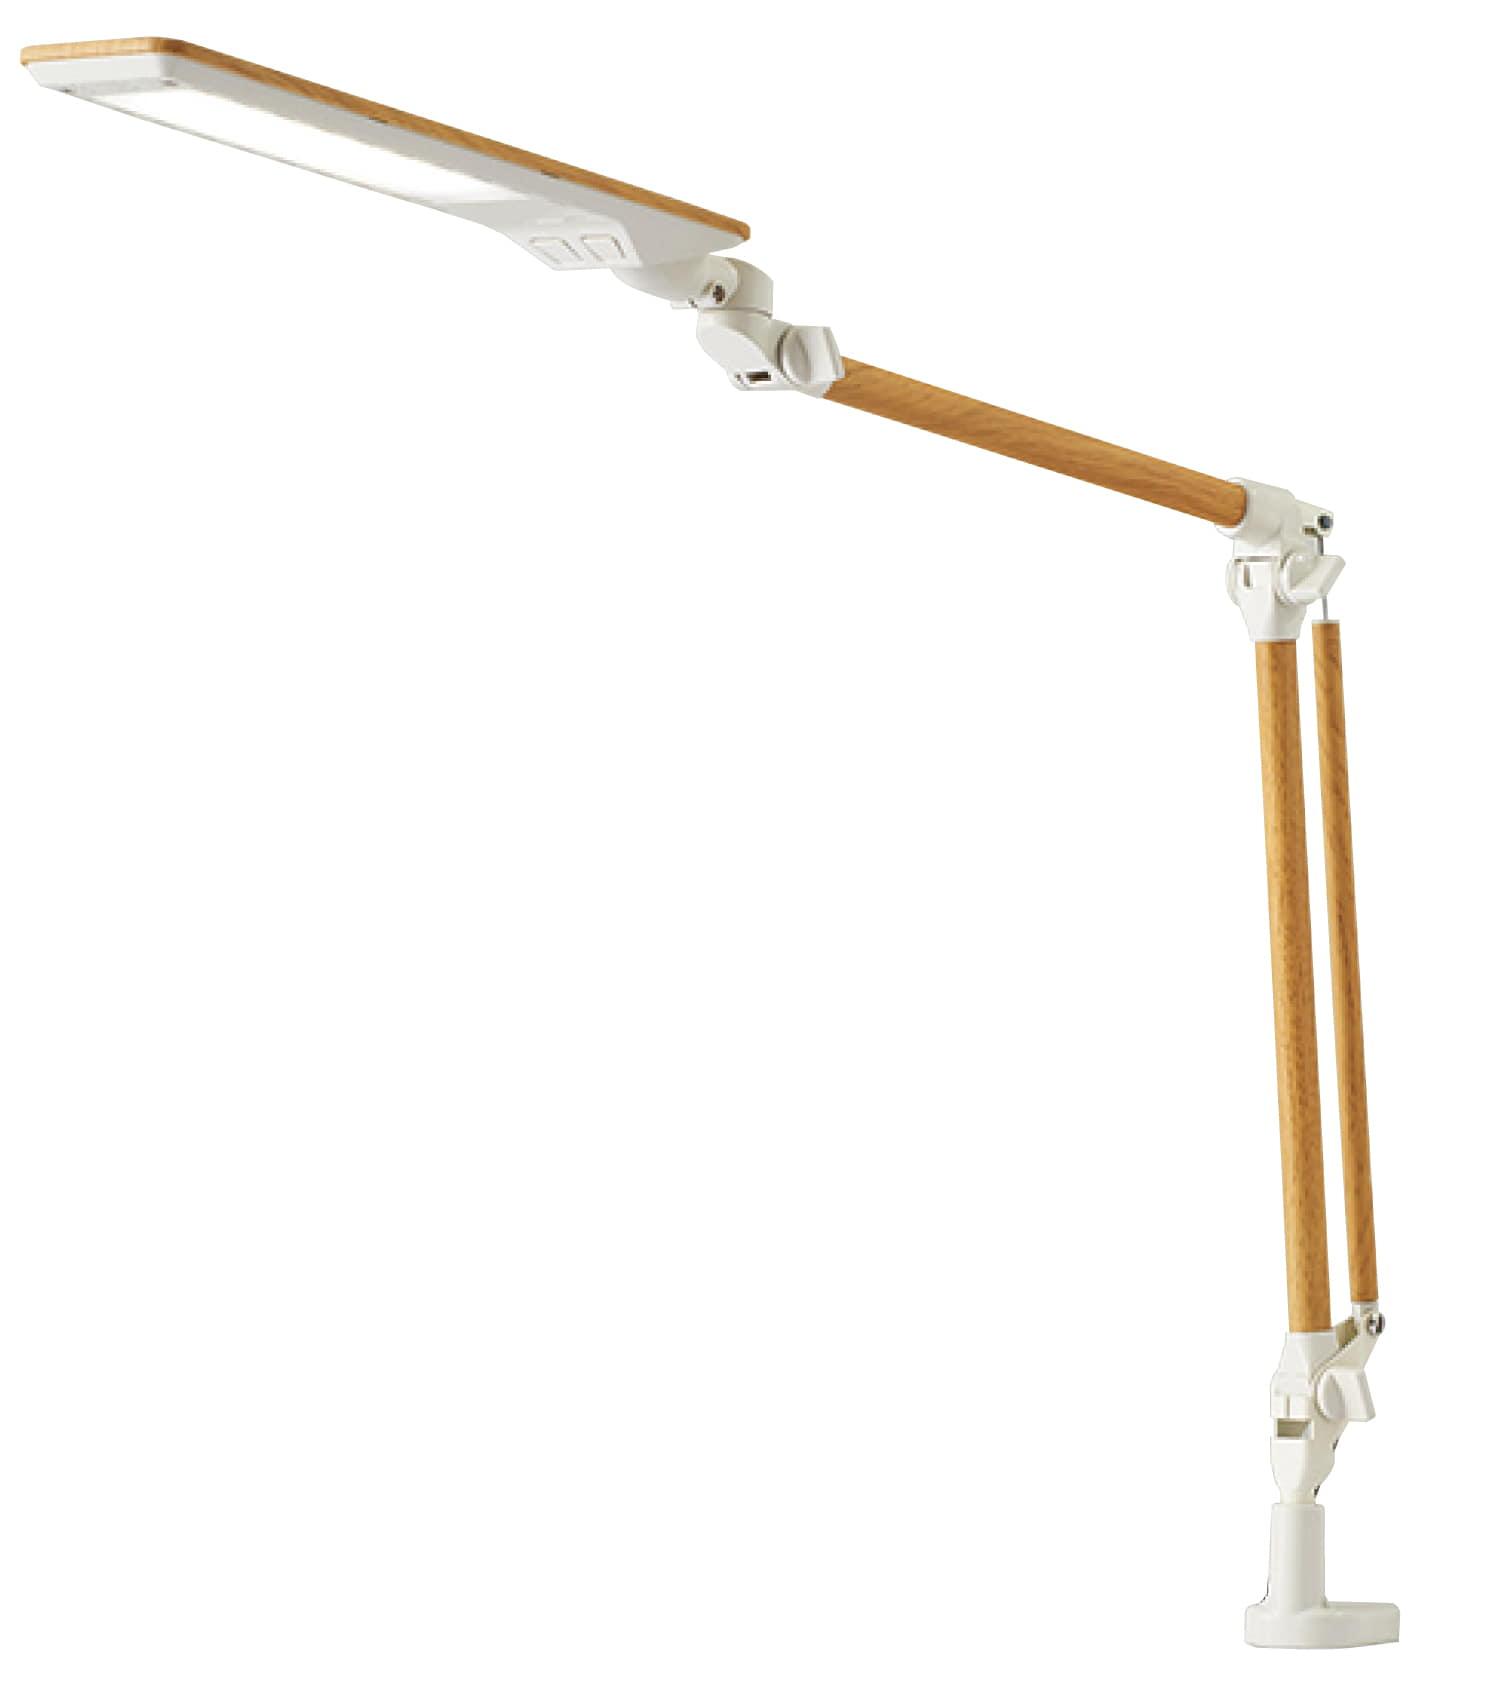 LEDアームライト ECL-335 NA